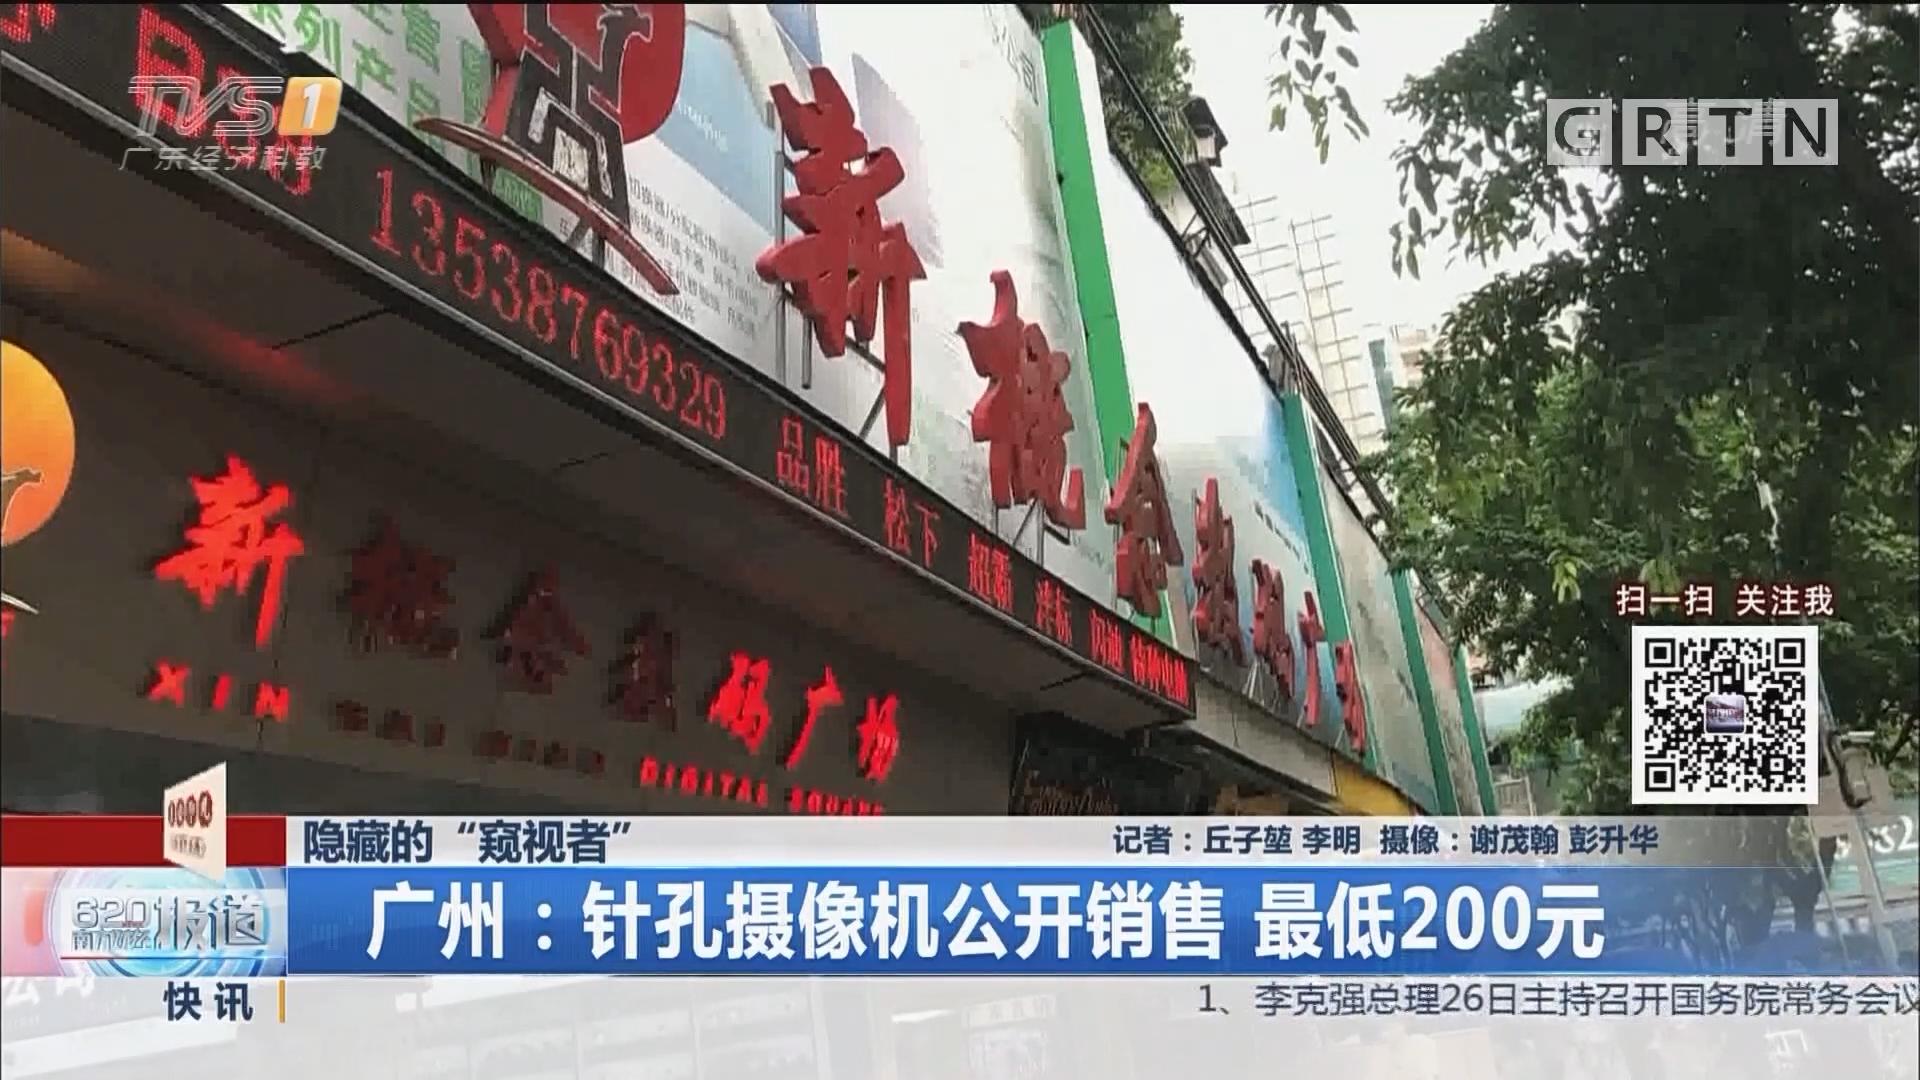 """隐藏的""""窥视者"""" 广州:针孔摄像机公开销售 最低200元"""